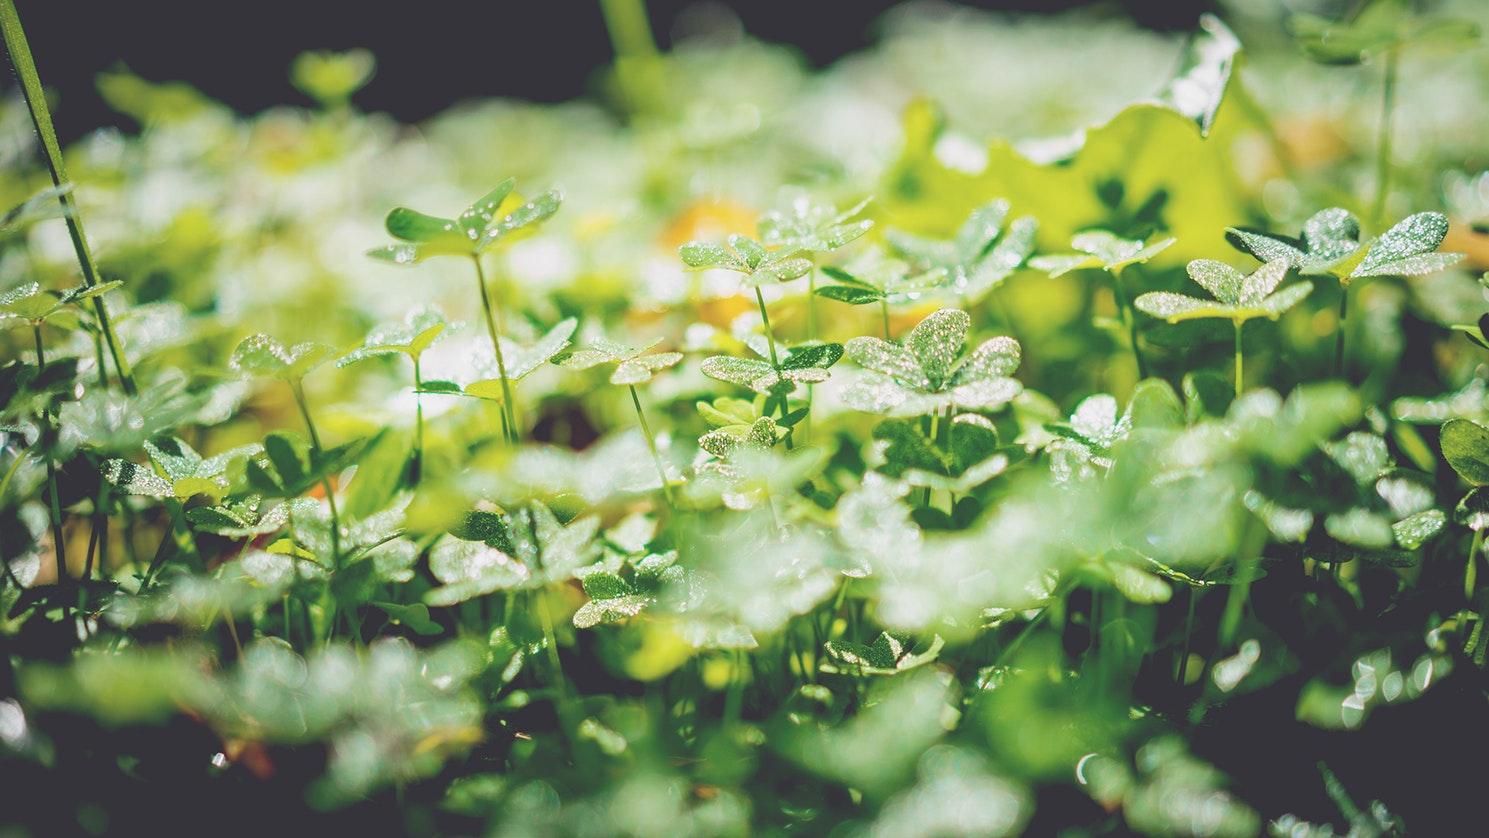 Un naturopathe, c'est quoi au juste ?